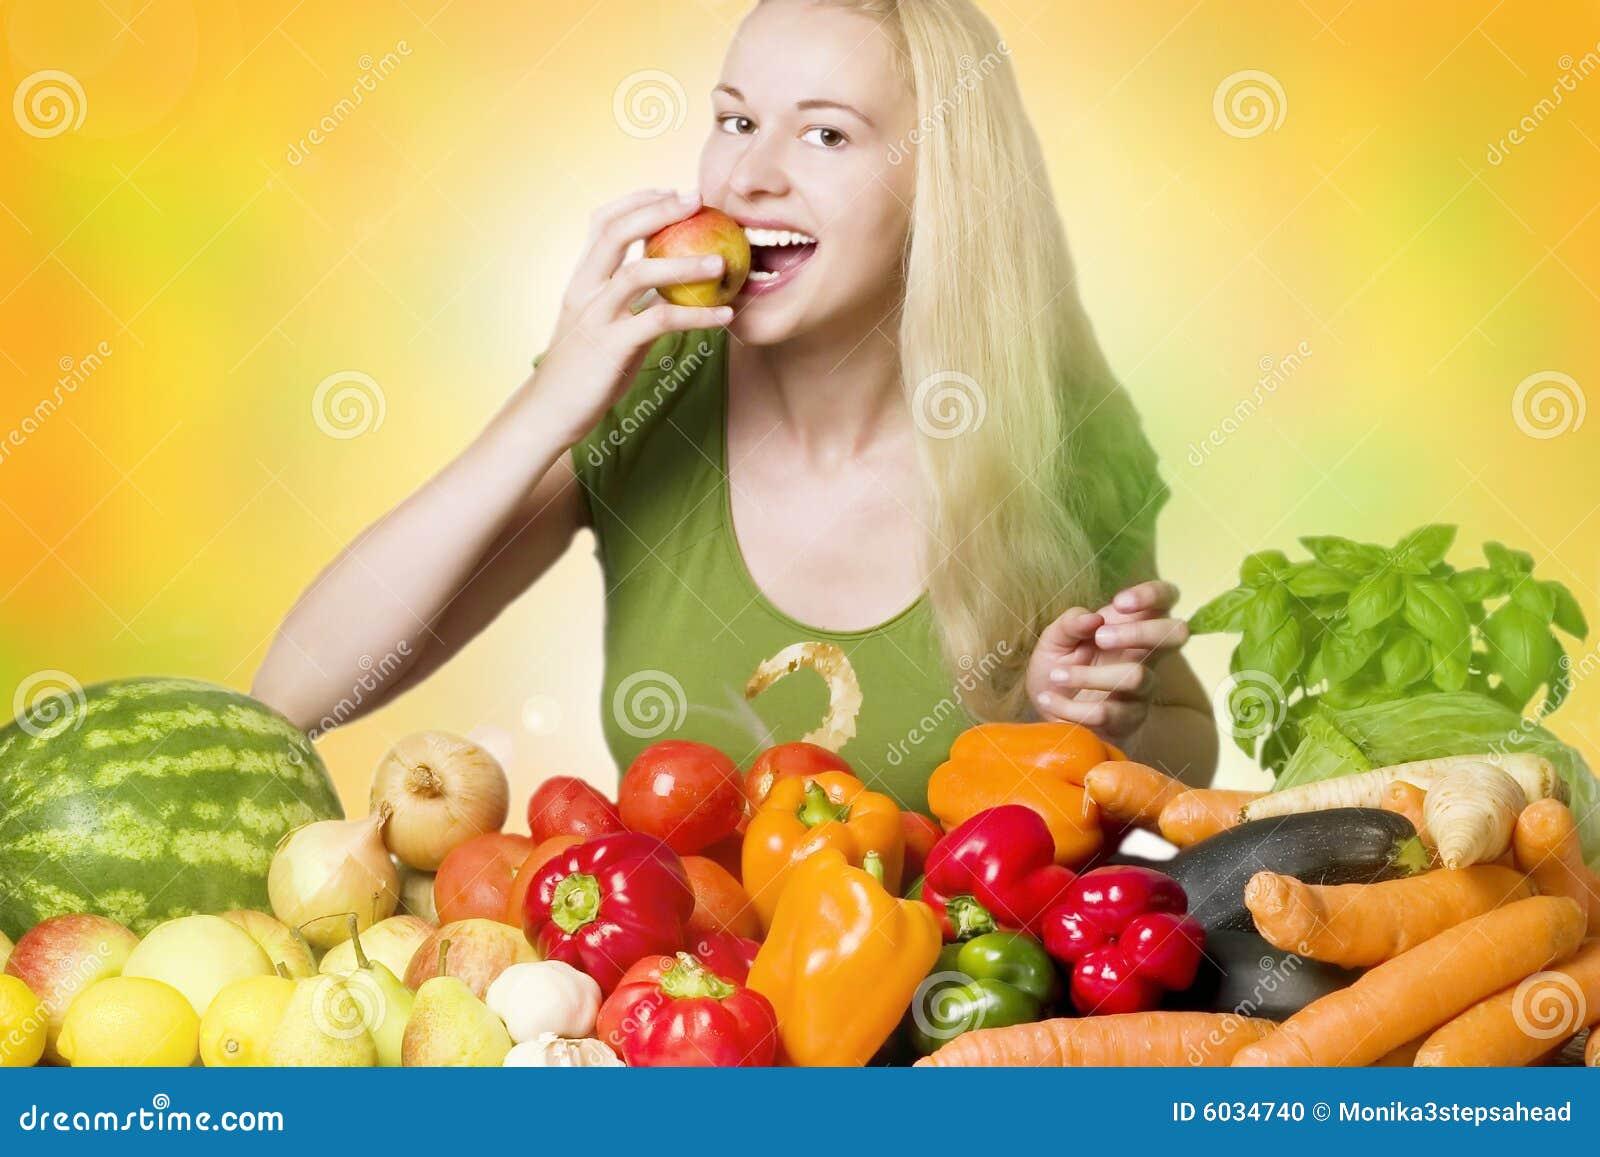 Вегетарианство, как способ контроля веса Вегетарианство